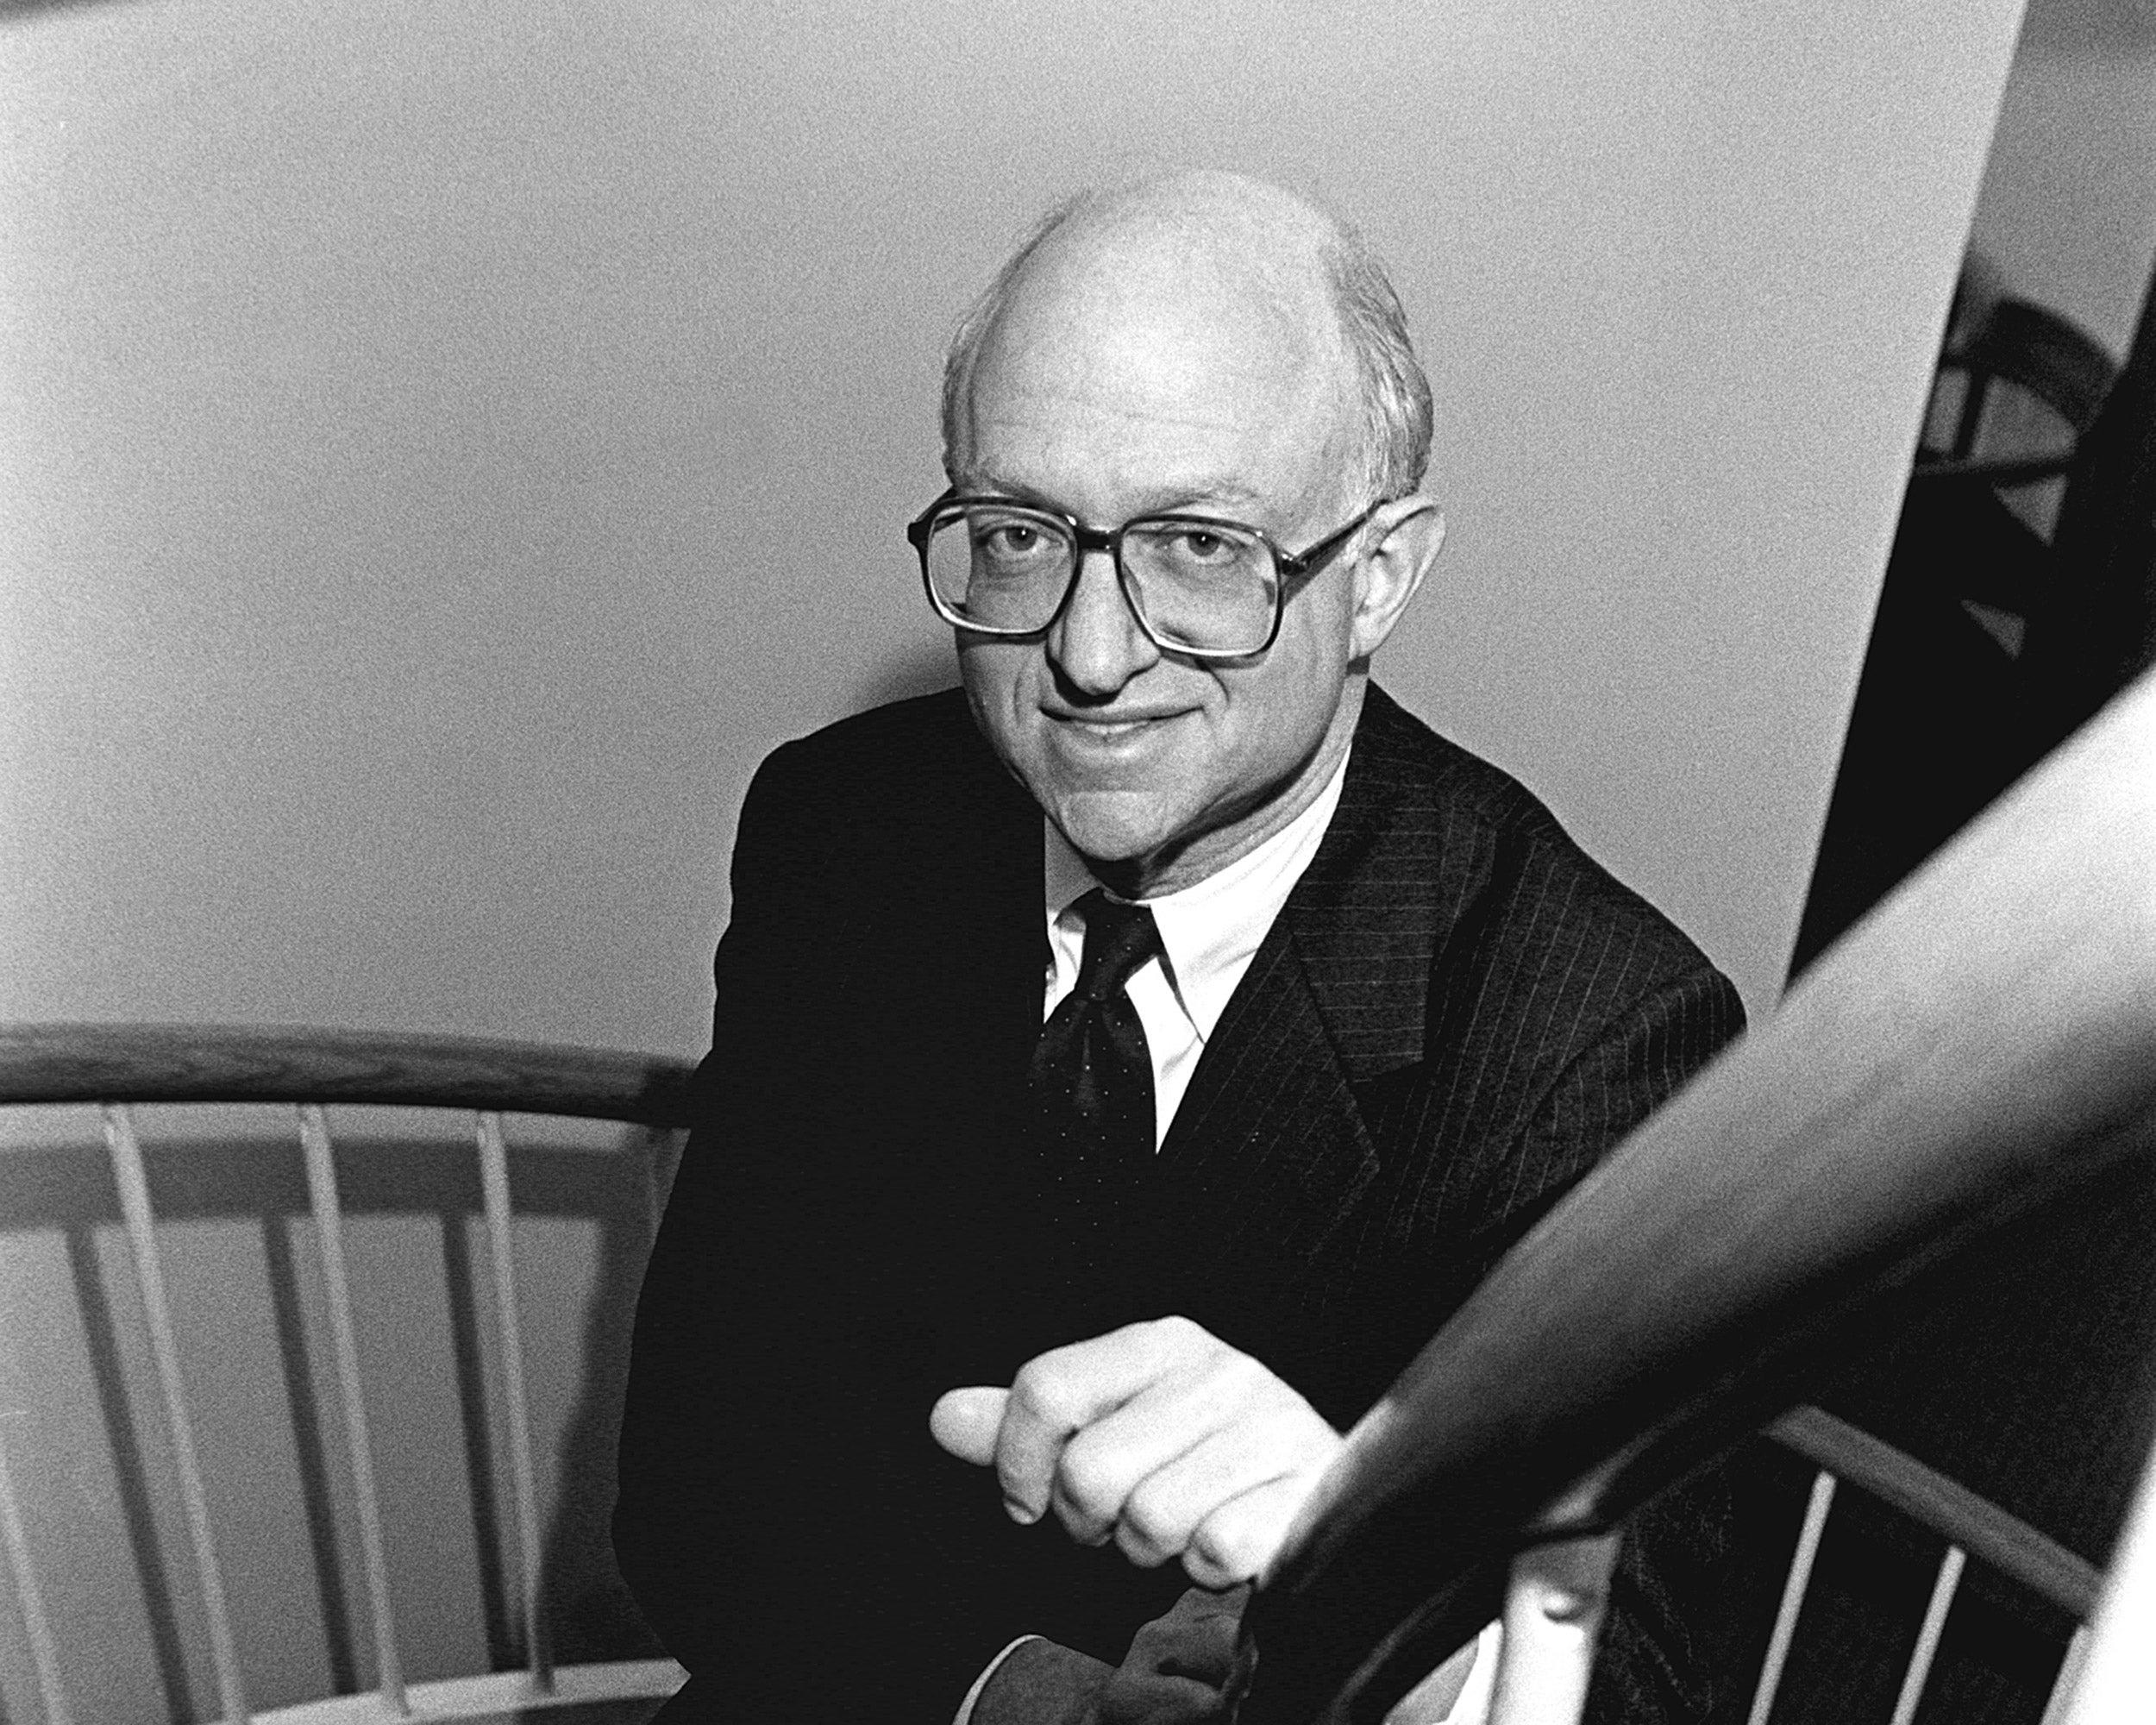 Martin Feldstein, noted Harvard economist and political steward, dies at 79